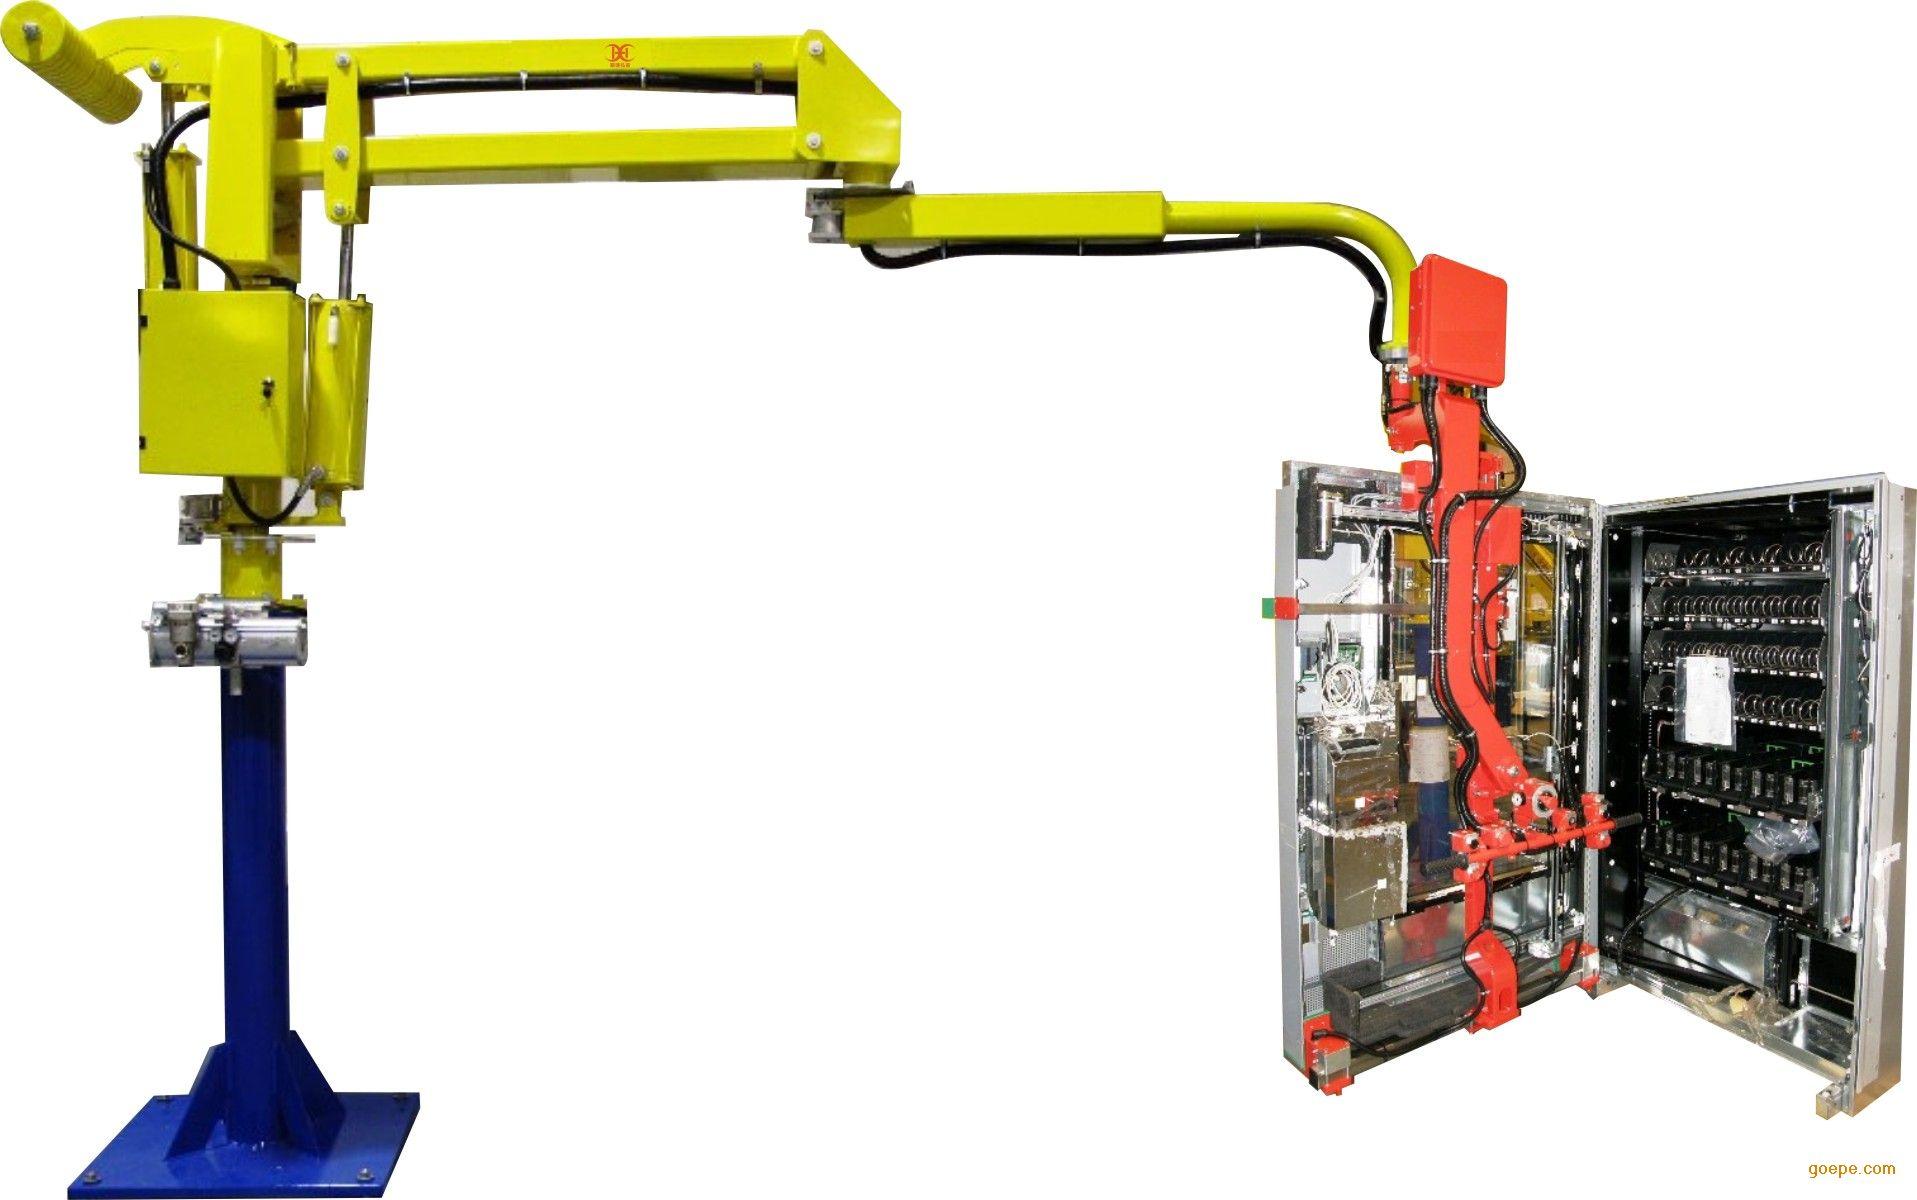 谷瀑环保设备网 机器视觉 机械手 青岛精诚弘信自动化装备有限公司